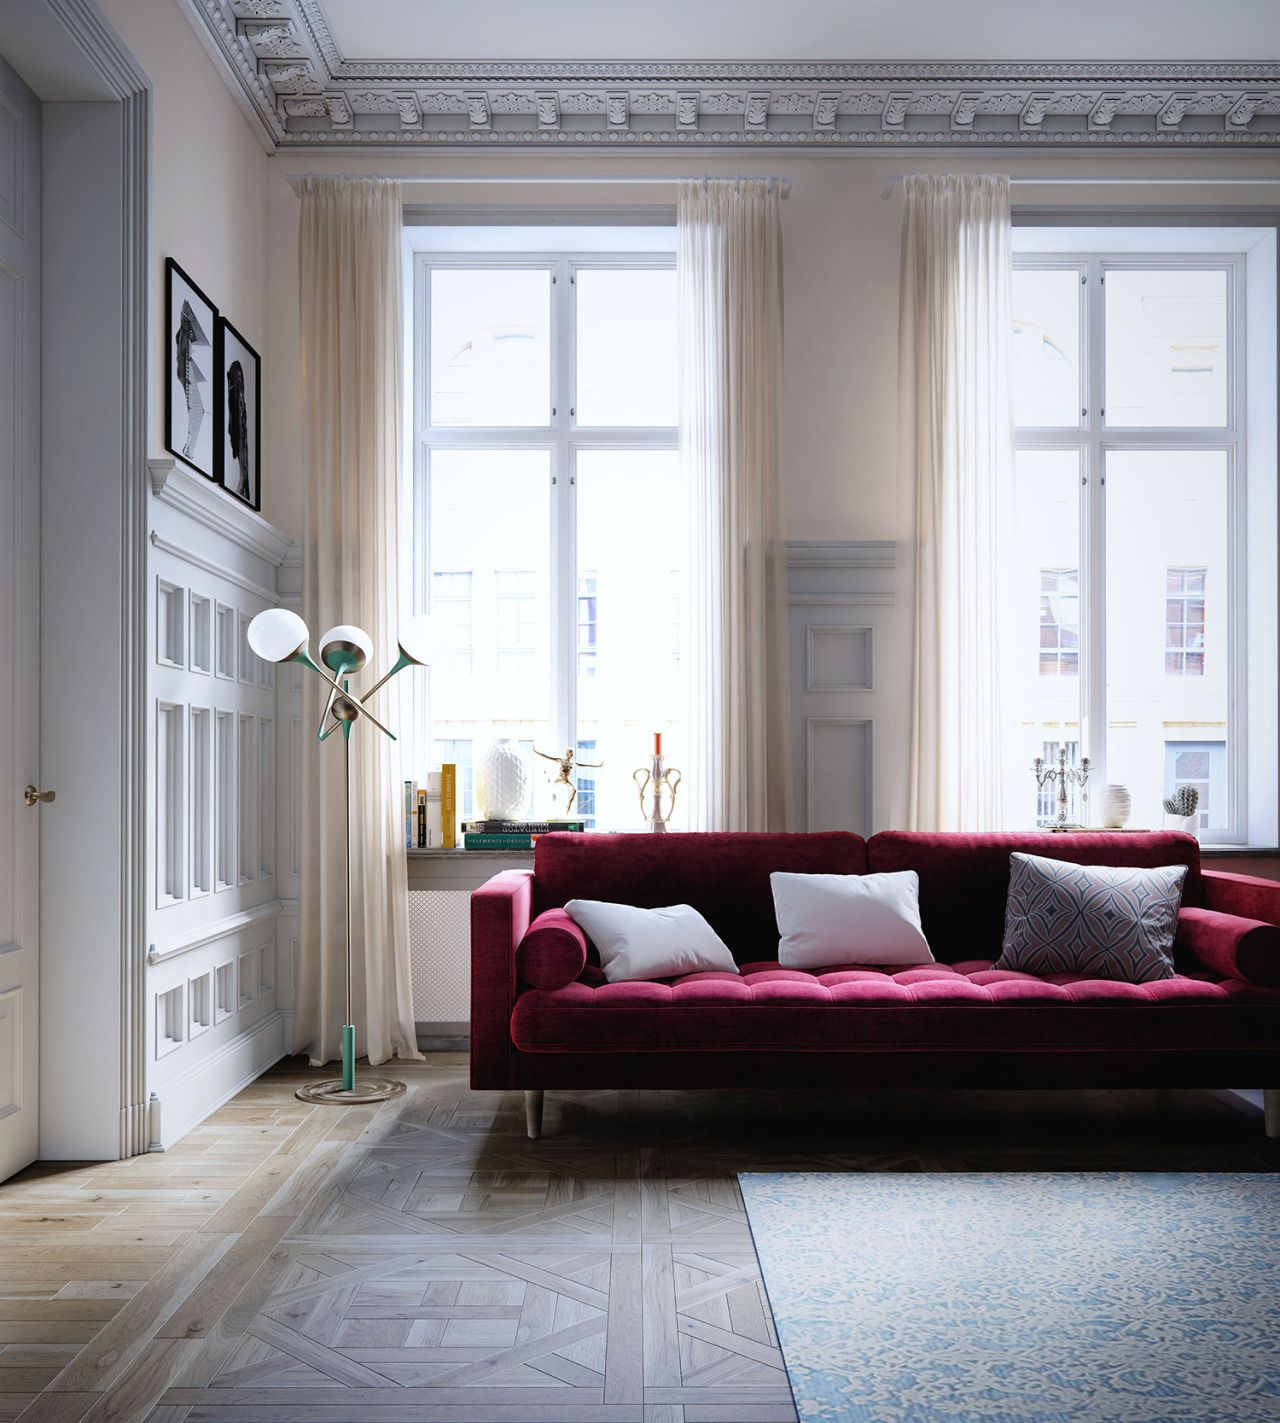 Gordijnen timmermans indoor design gordijnen inspiratie